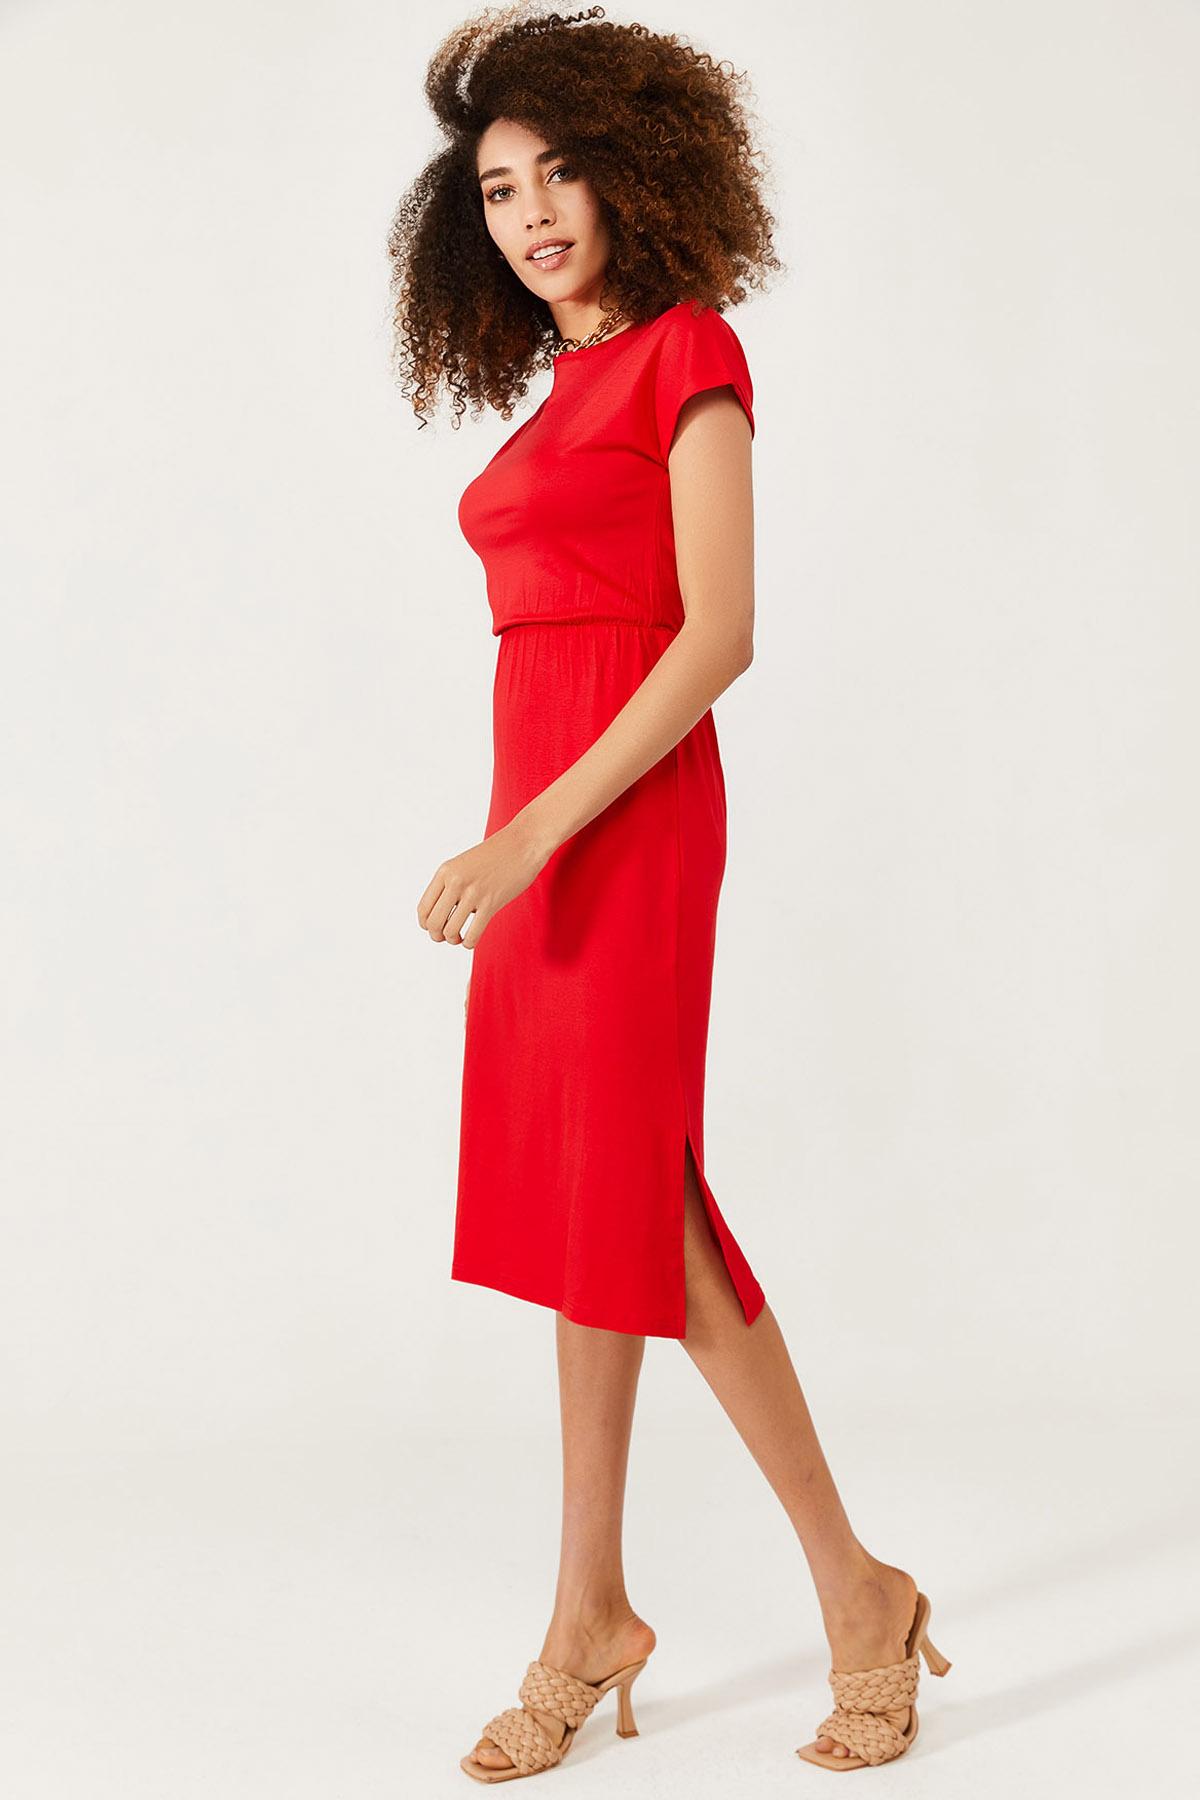 XHAN - Kırmızı Yumuşak Dokulu Esnek Yırtmaçlı Elbise 1KXK6-44569-04